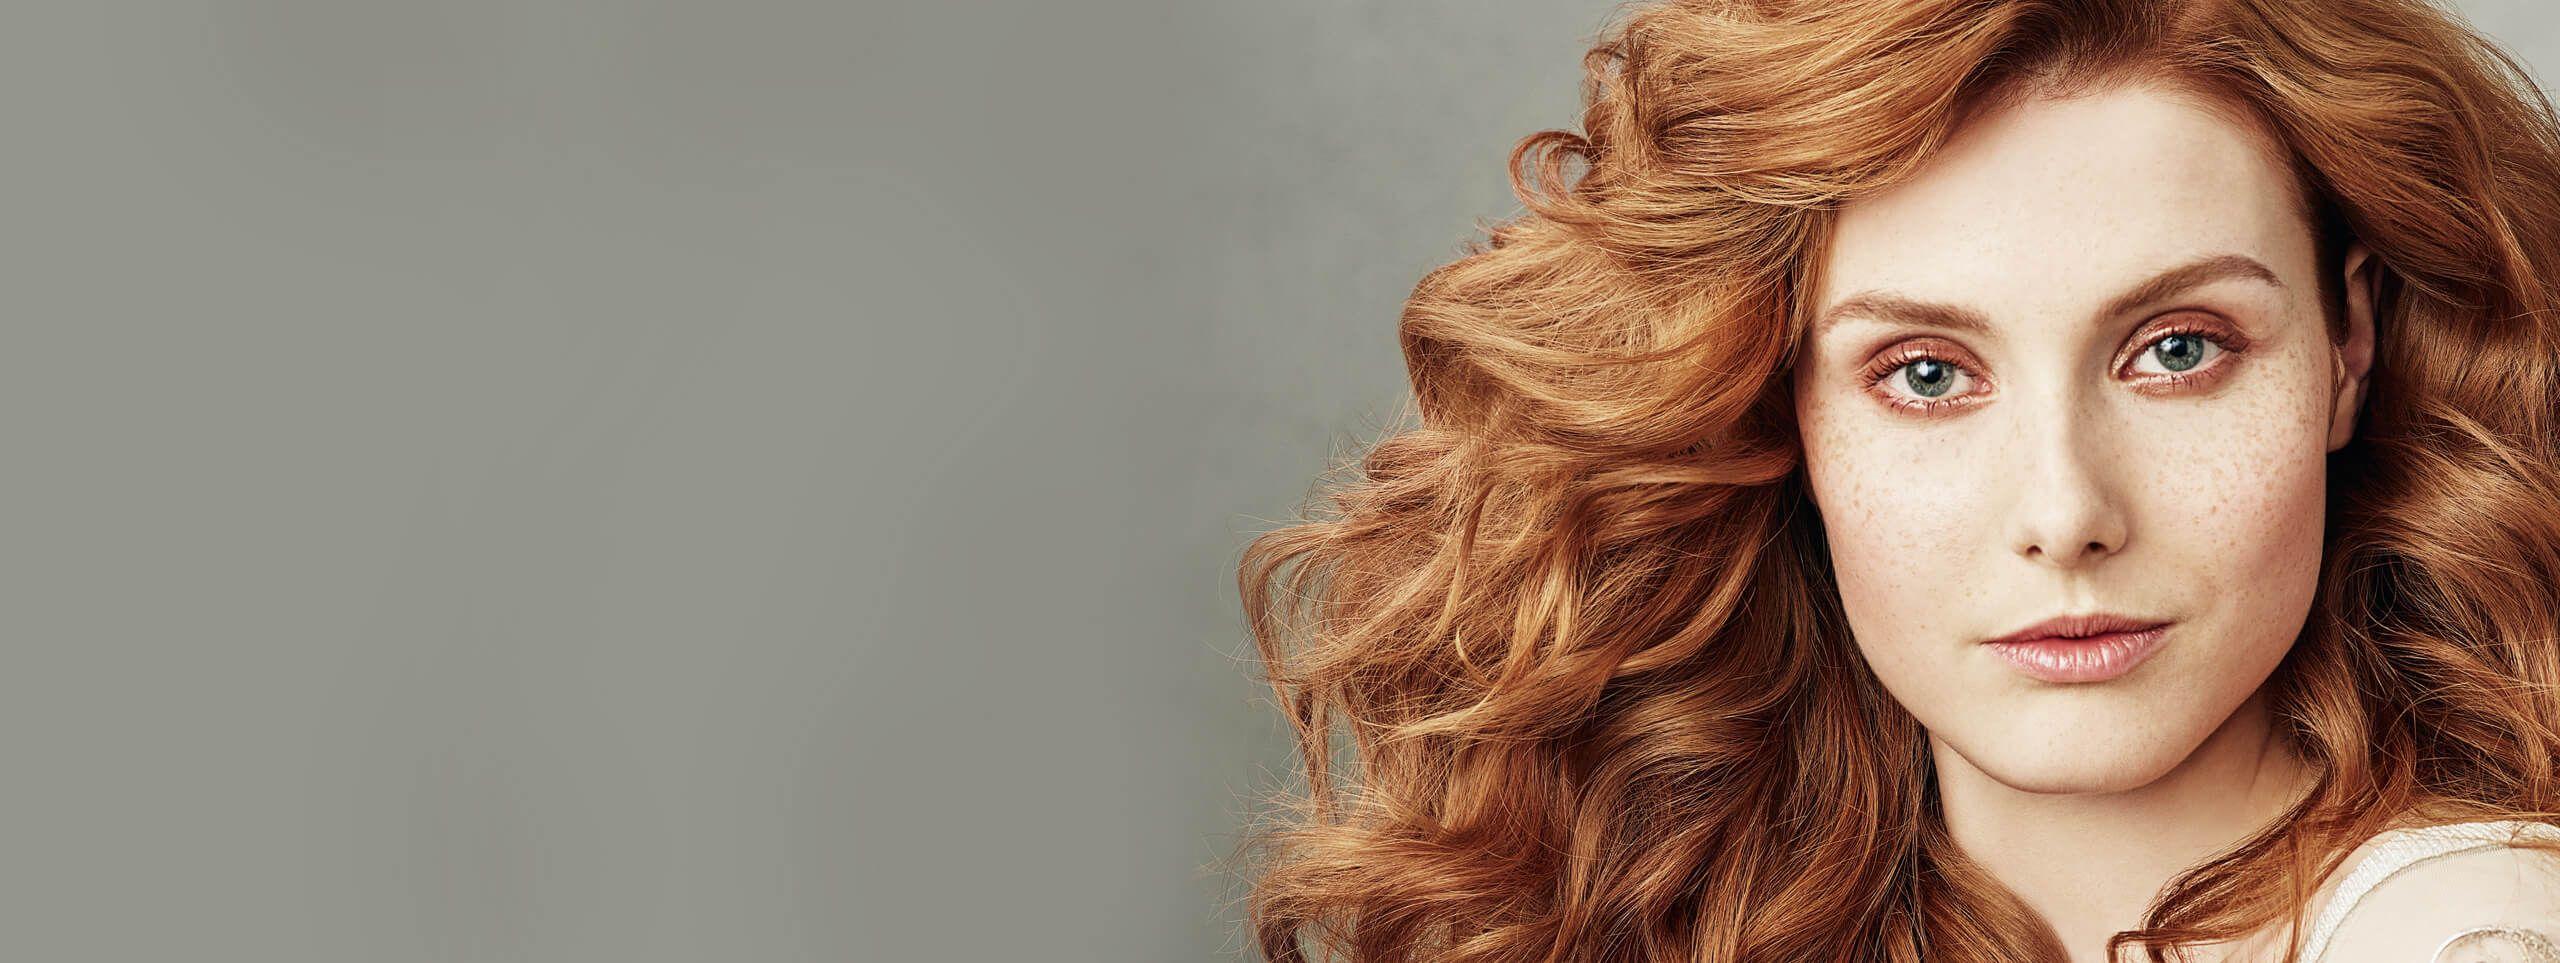 Kobieta z kręconymi rudymi włosami